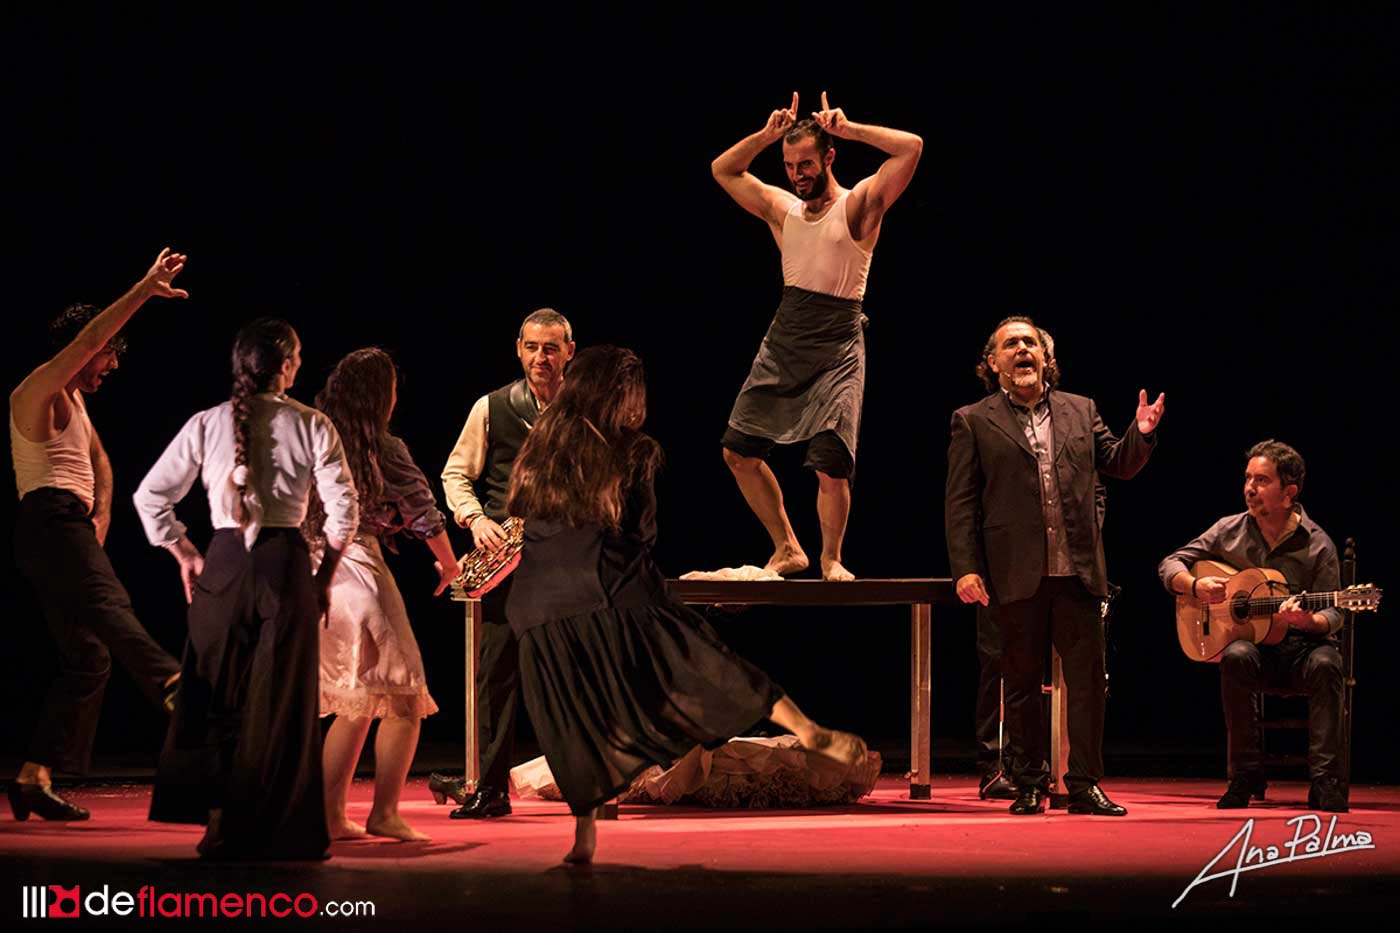 ¡Fandango! de David Coria y David Lagos, Premio de la Crítica del Festival de Jerez 2021